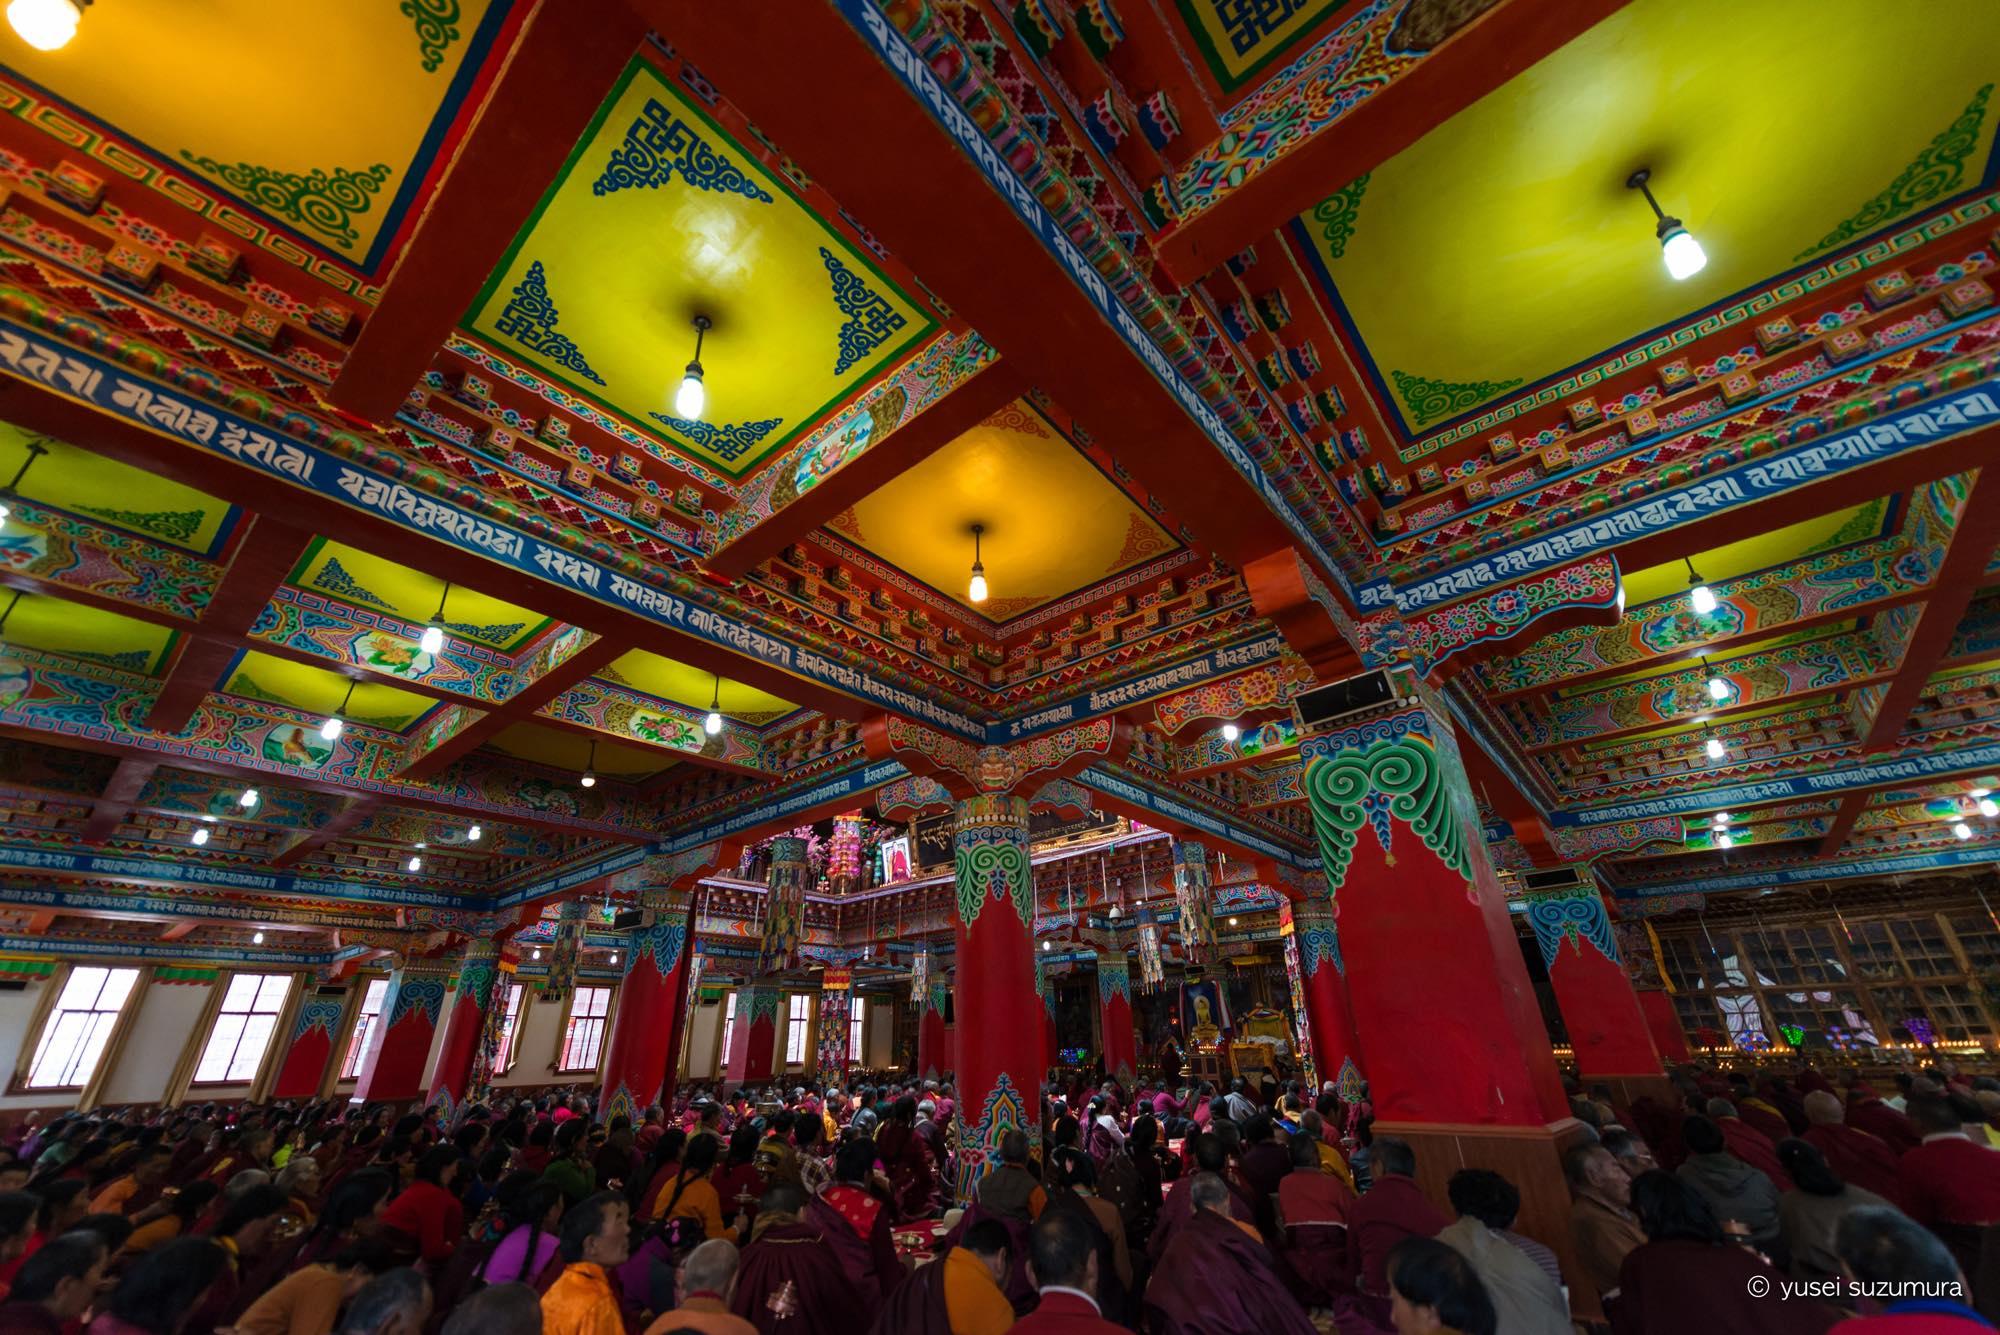 ラルンガルゴンパ 寺院